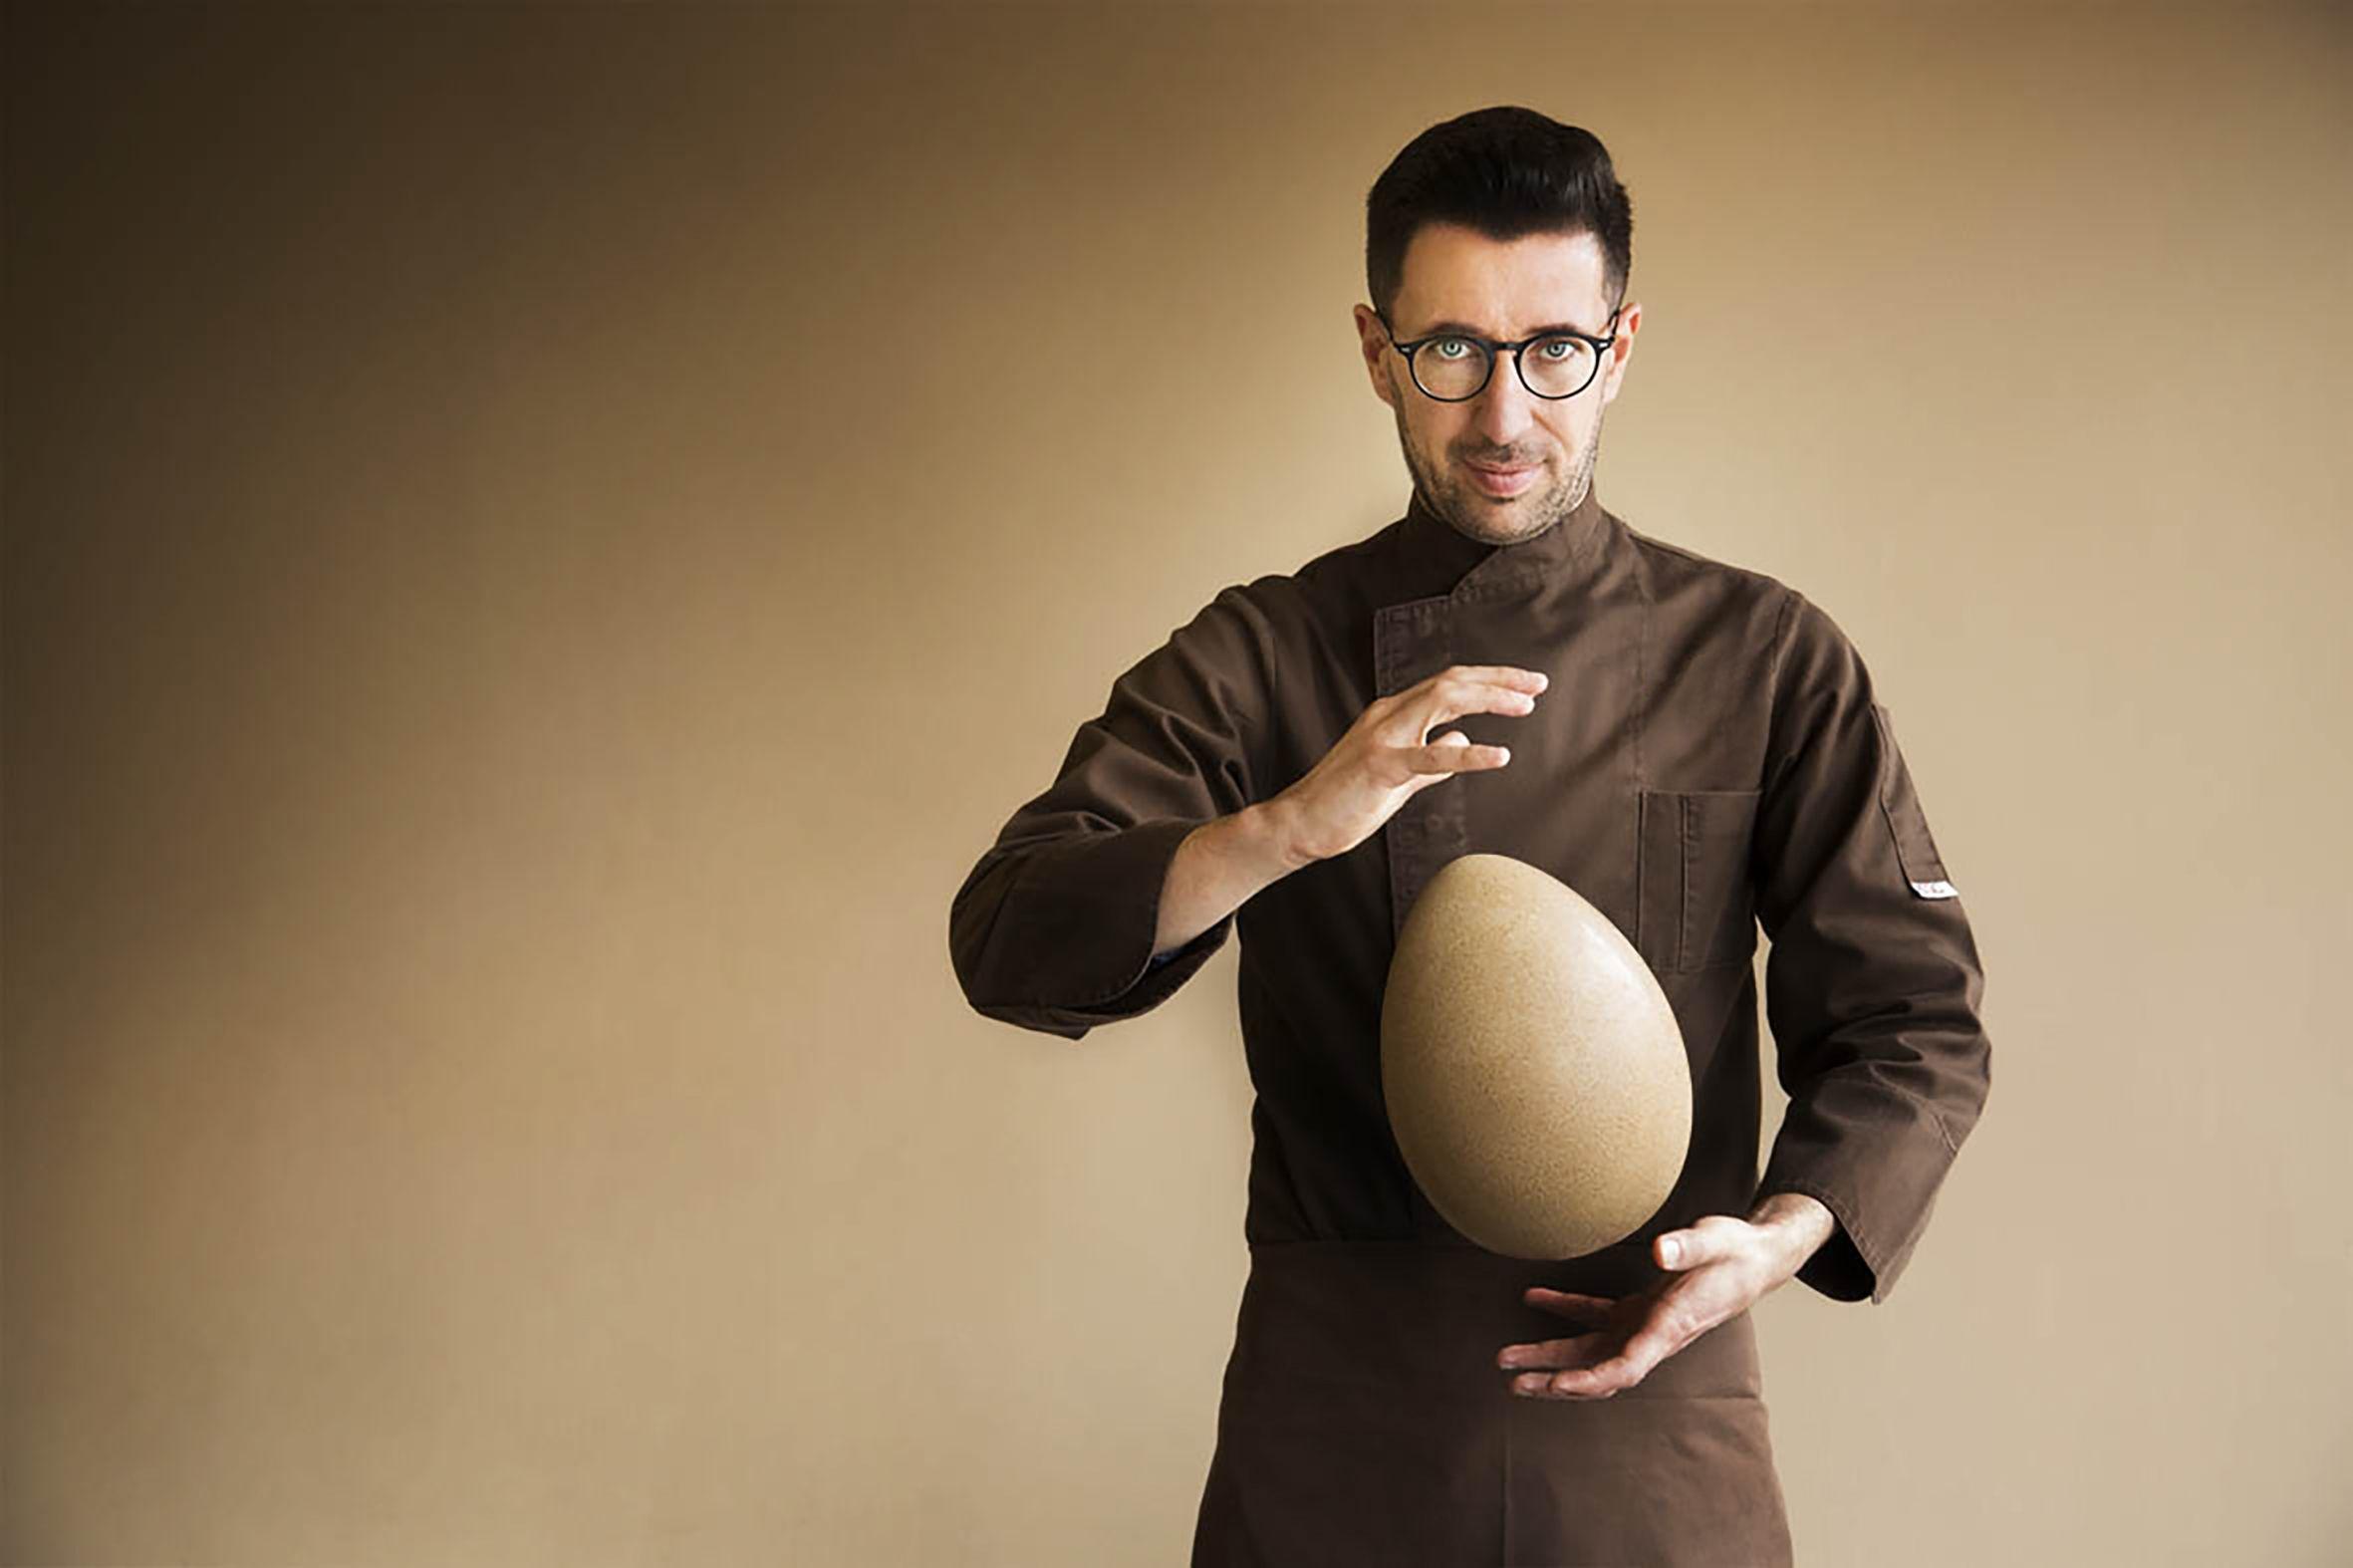 Dal cioccolato alla sorpresa, quest'anno festeggia con stile con le uova di Cortese. - zazoomit@gmail.com - Gmail